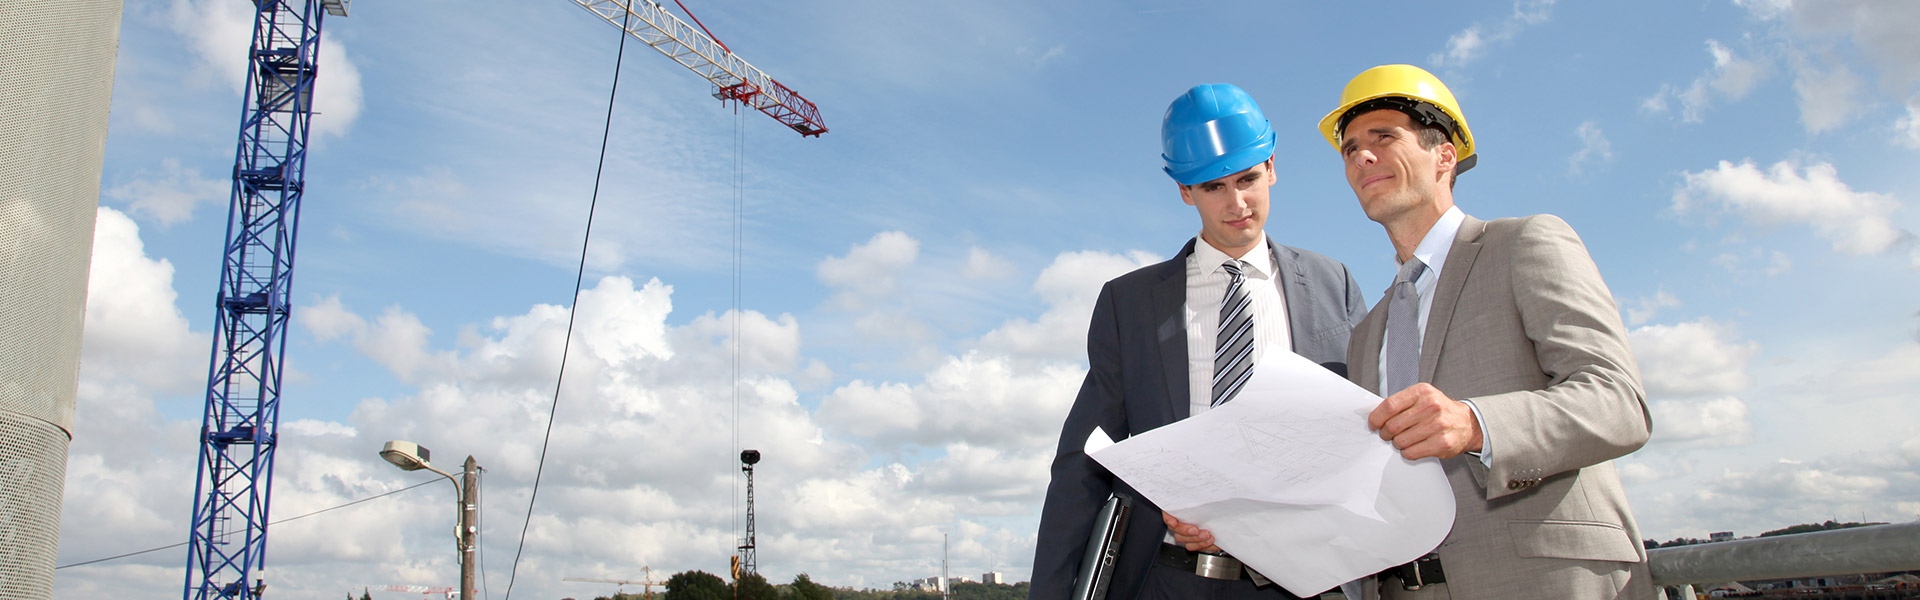 Seguro Construcción Obra Civil